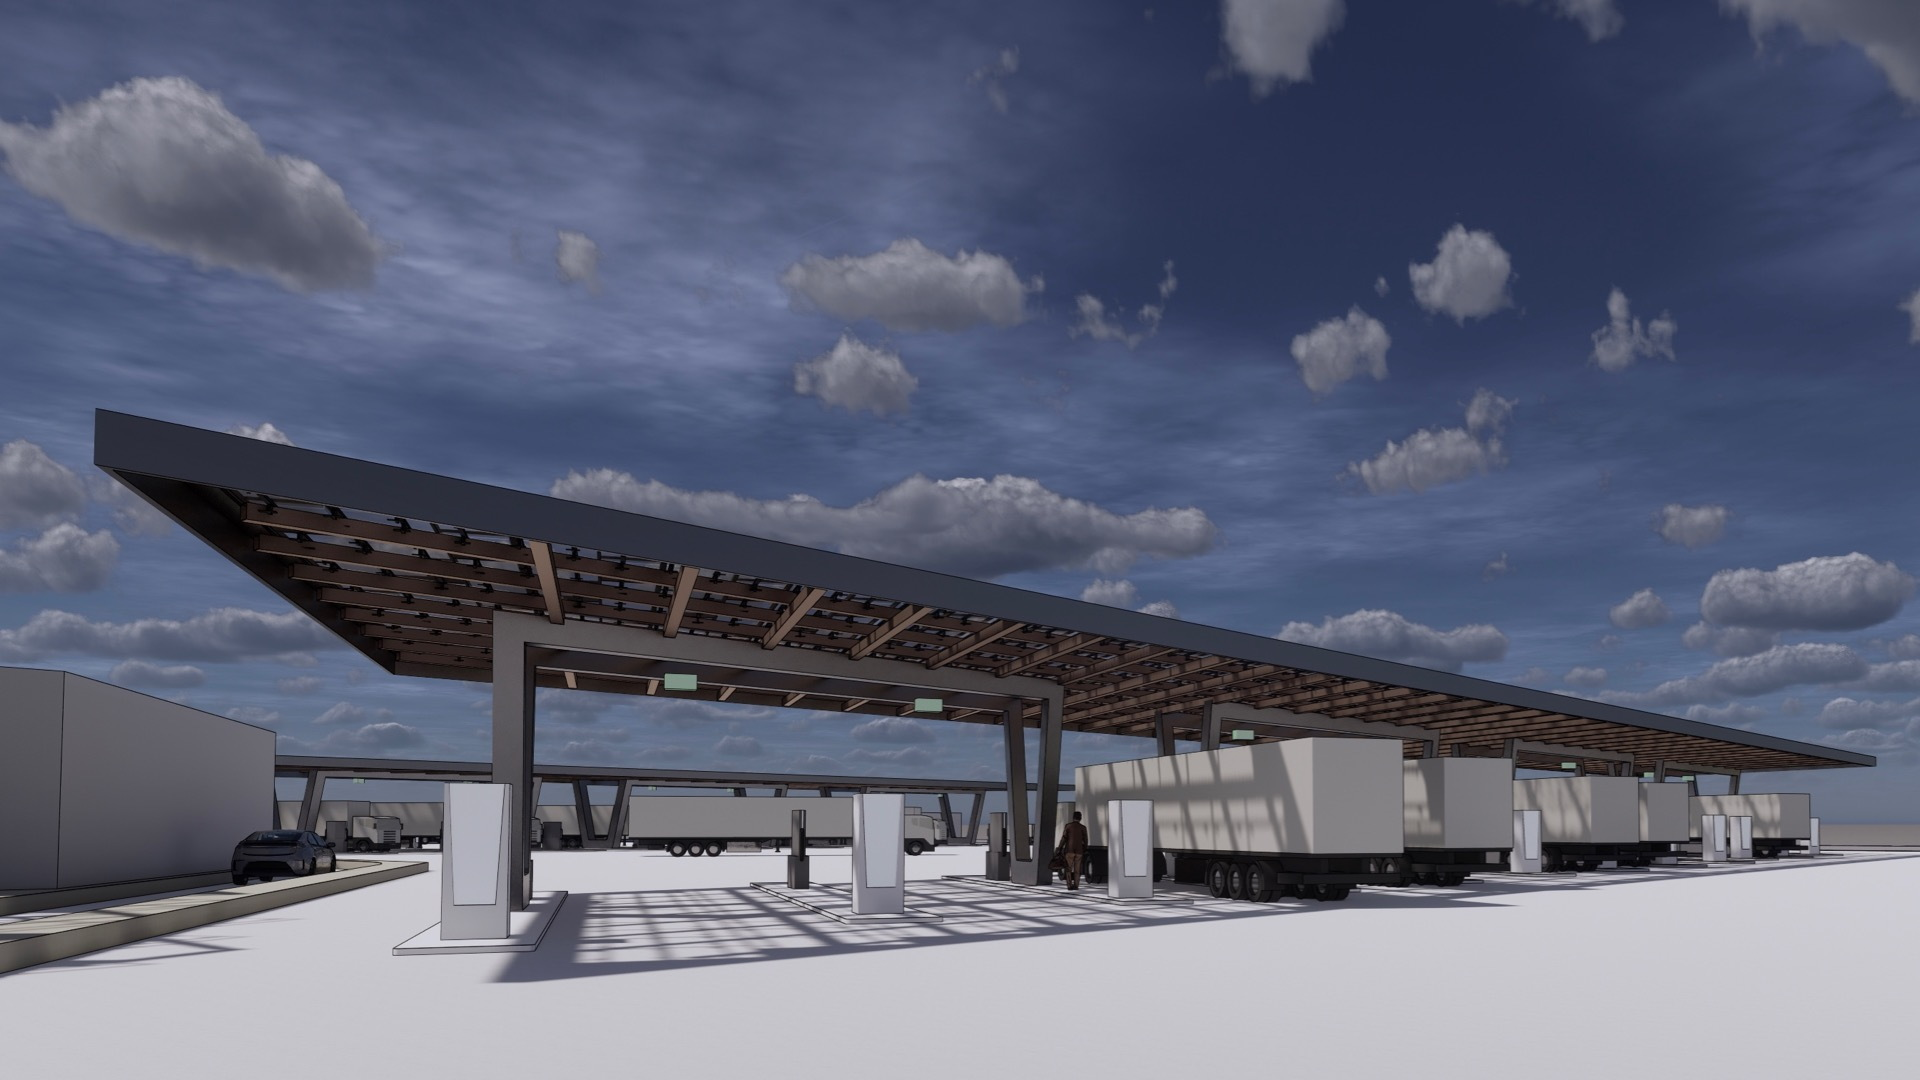 WattEV electric truck stop rendering